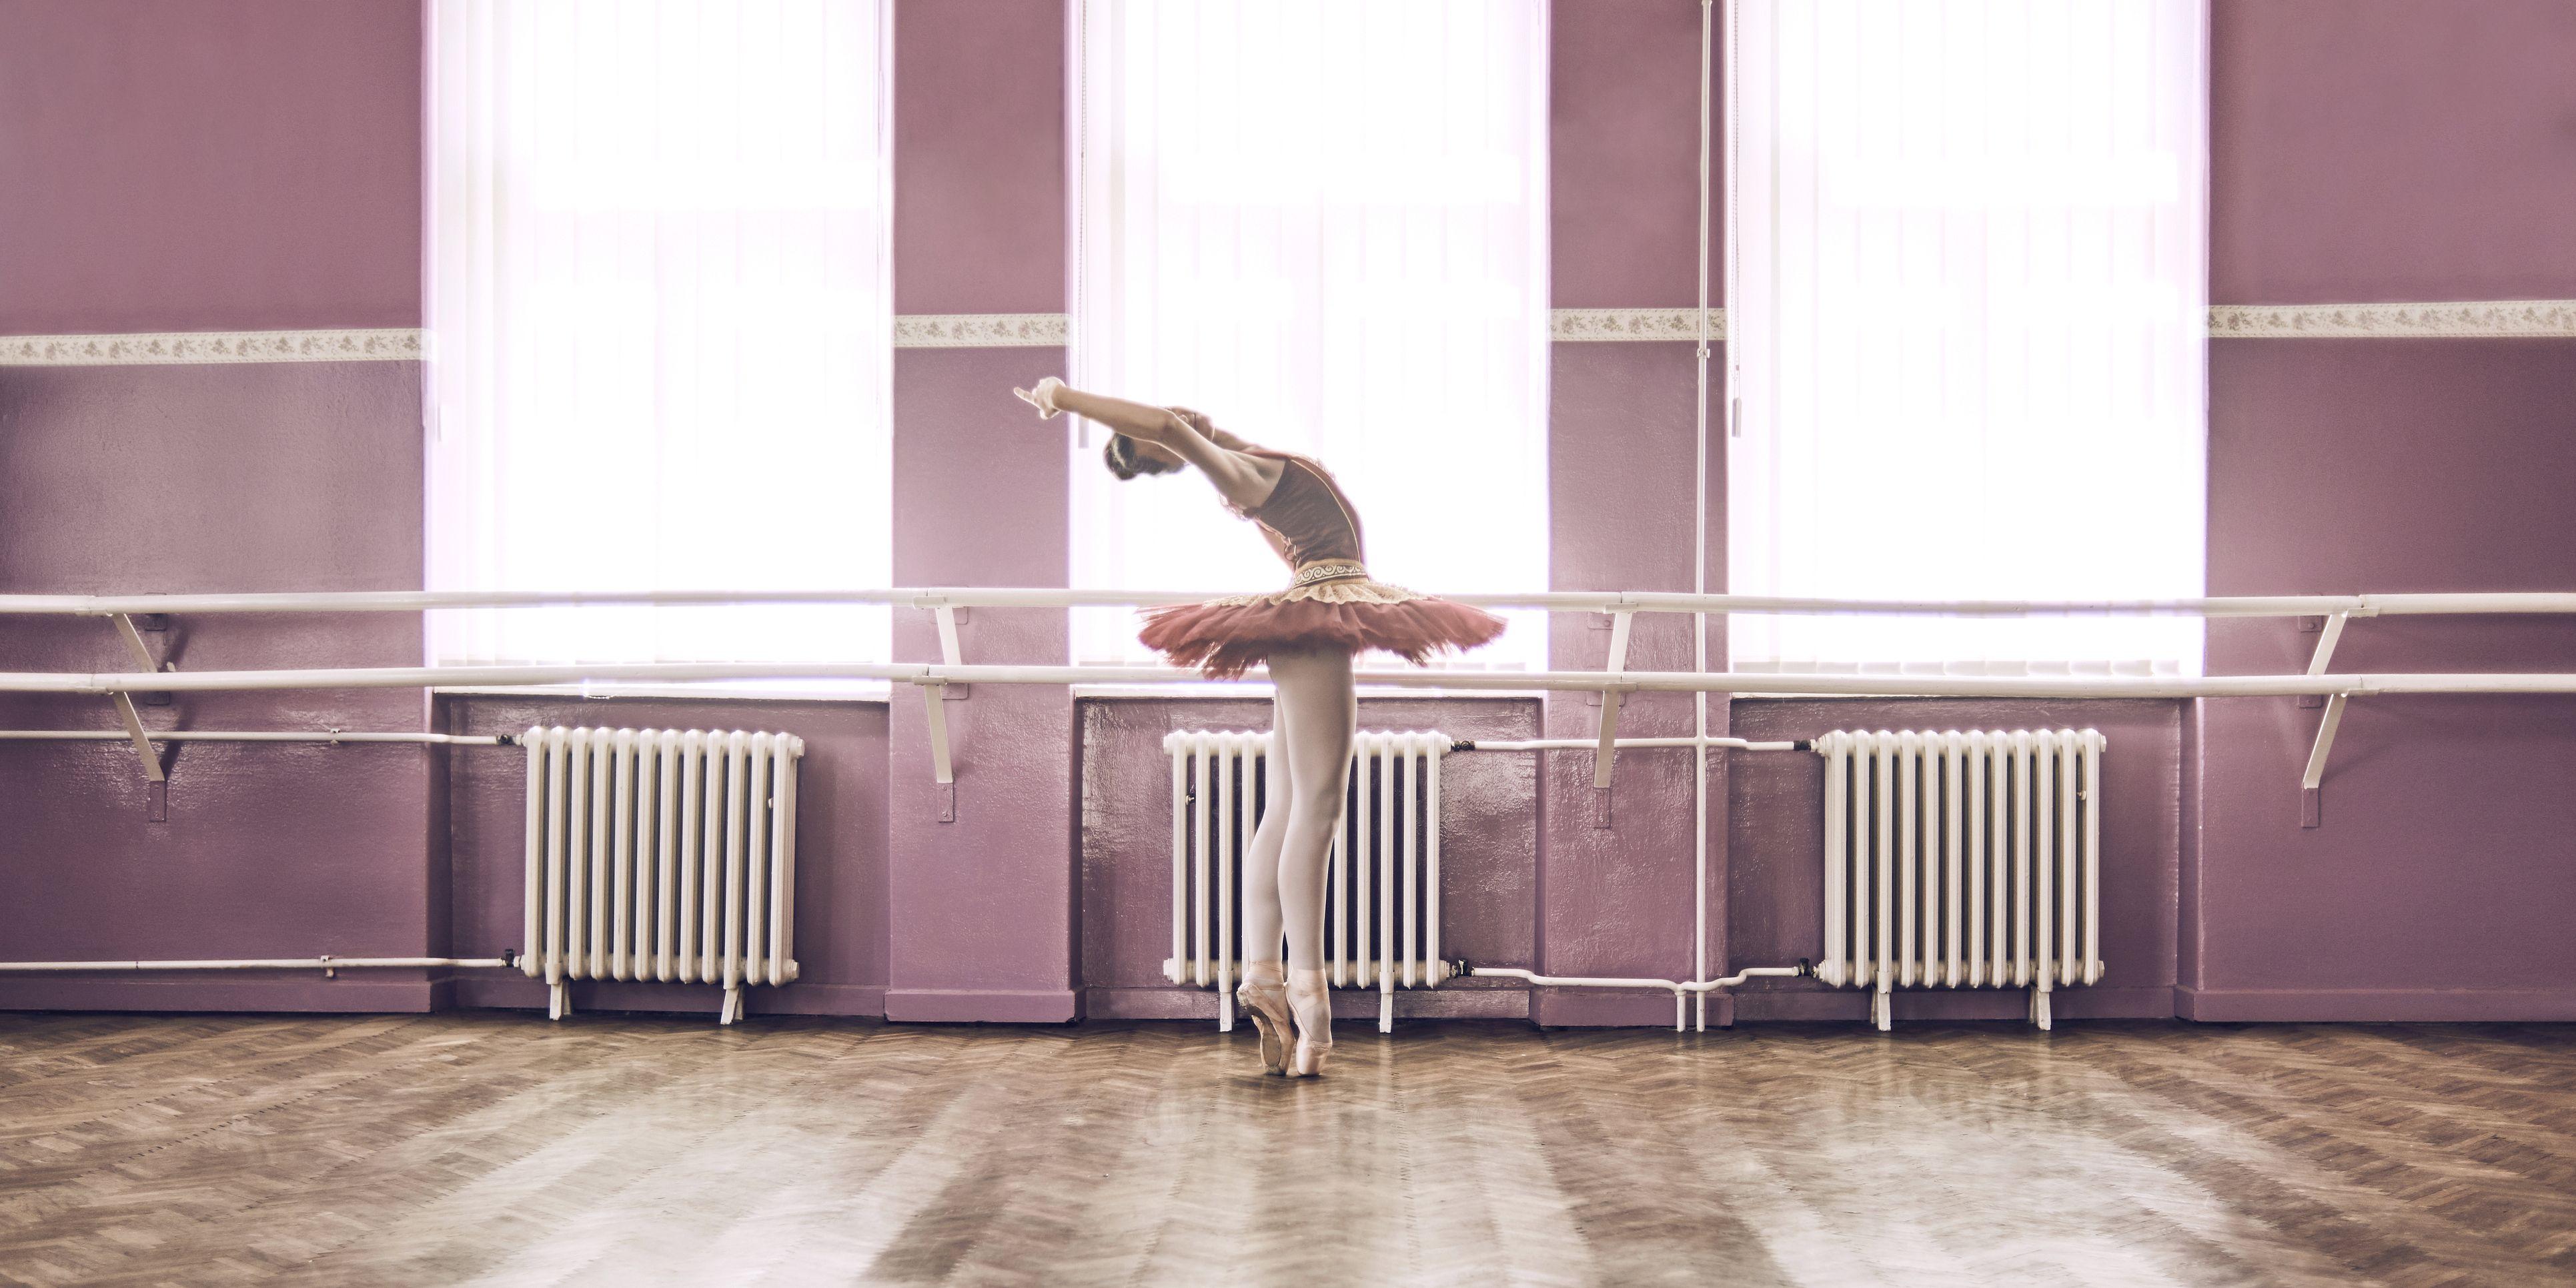 ballet dancer practicing her moves